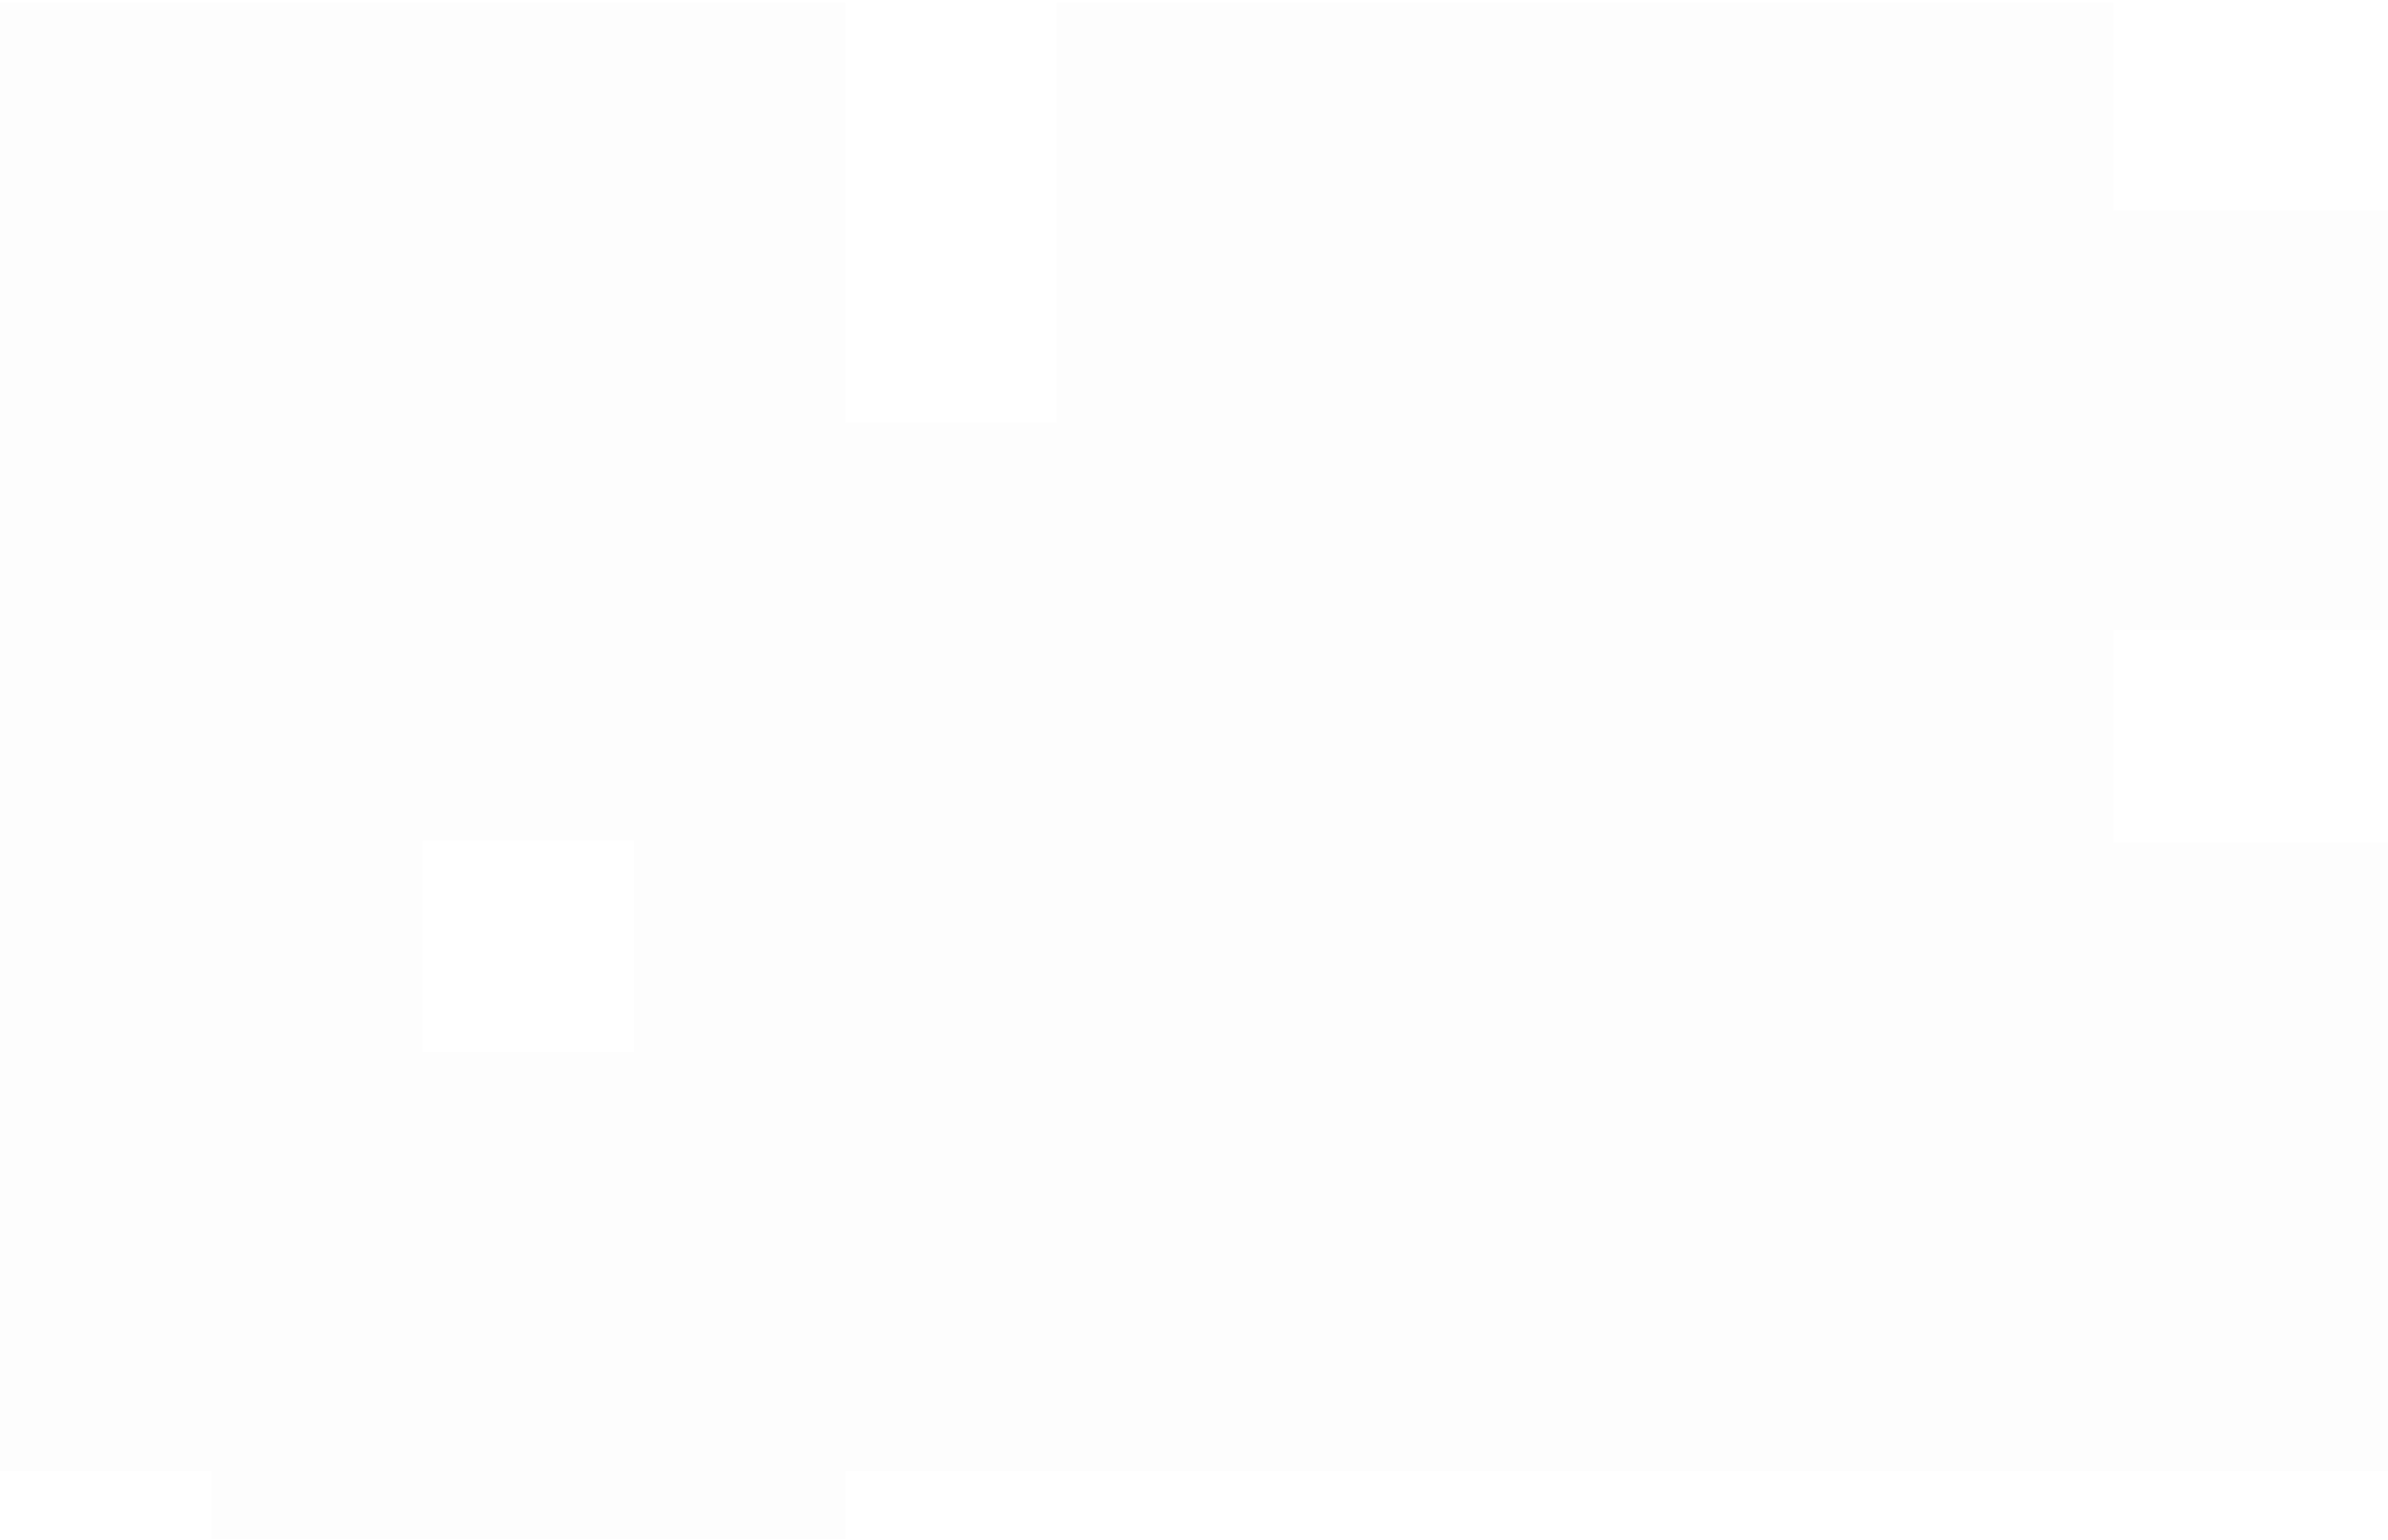 CLINICA DE  FERTILIDAD IVF GUADALAJARA